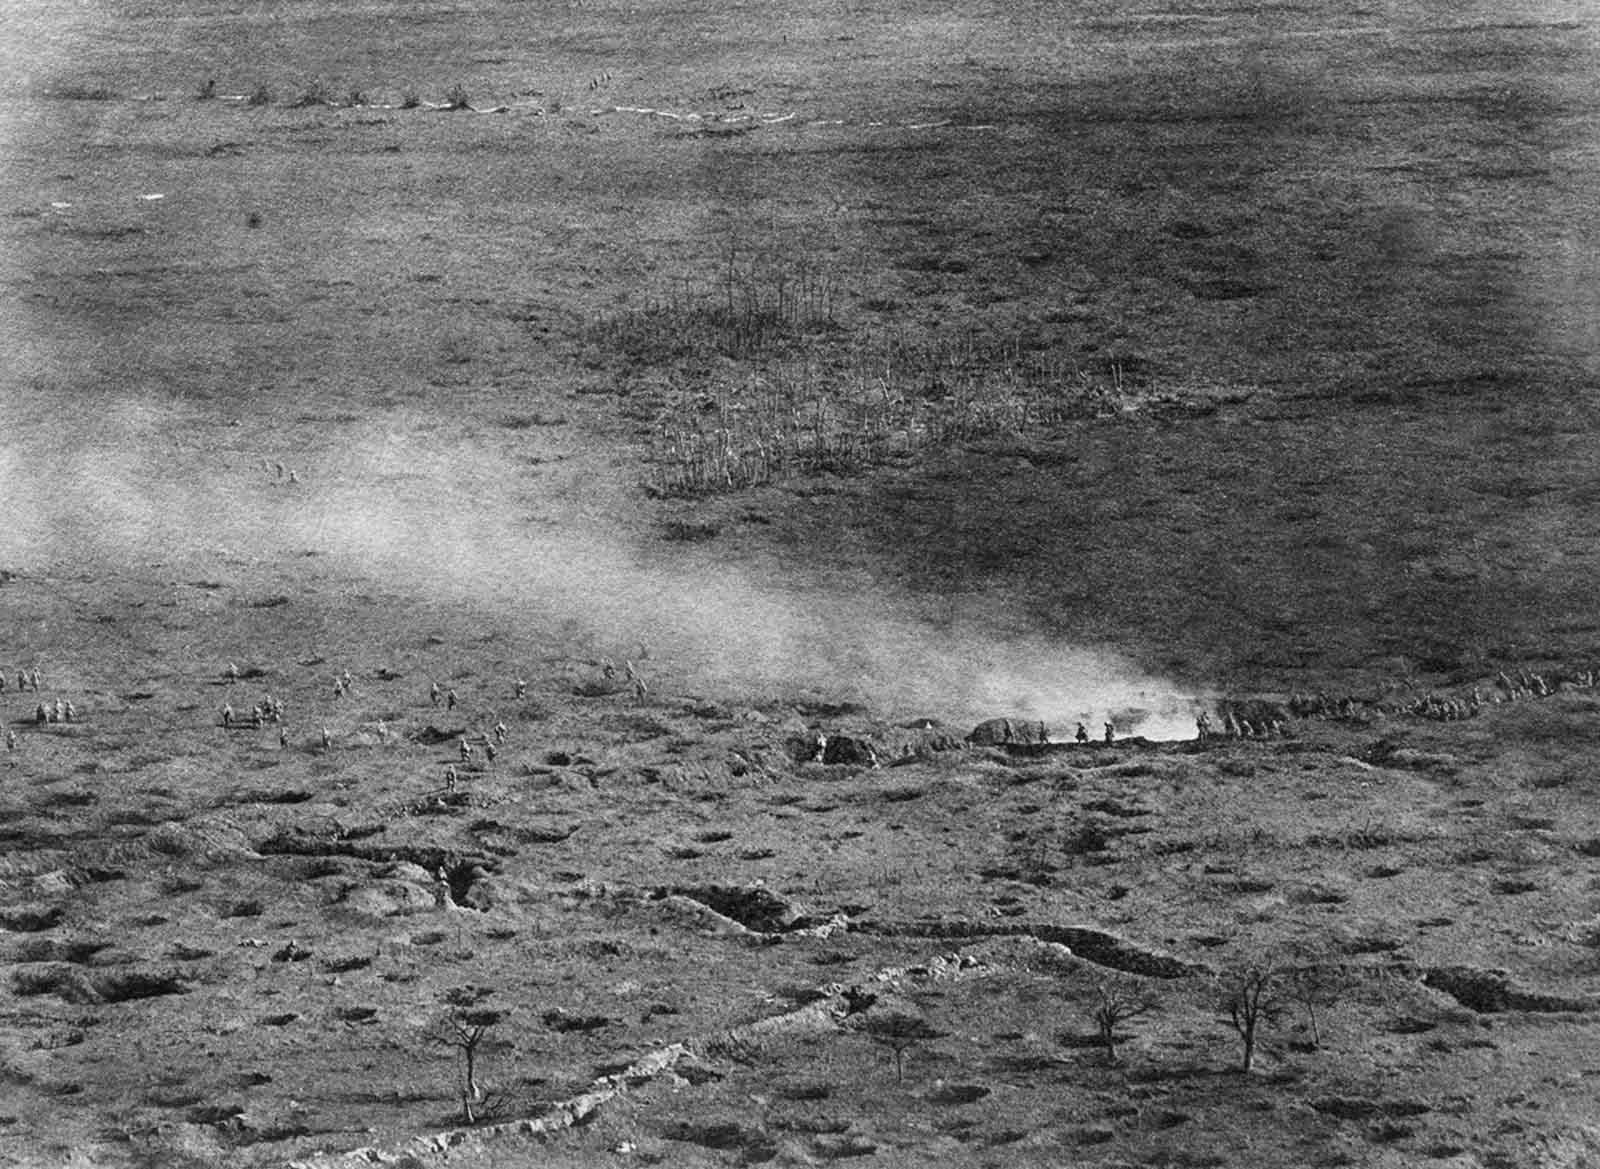 Una vista aérea de una ofensiva francesa.